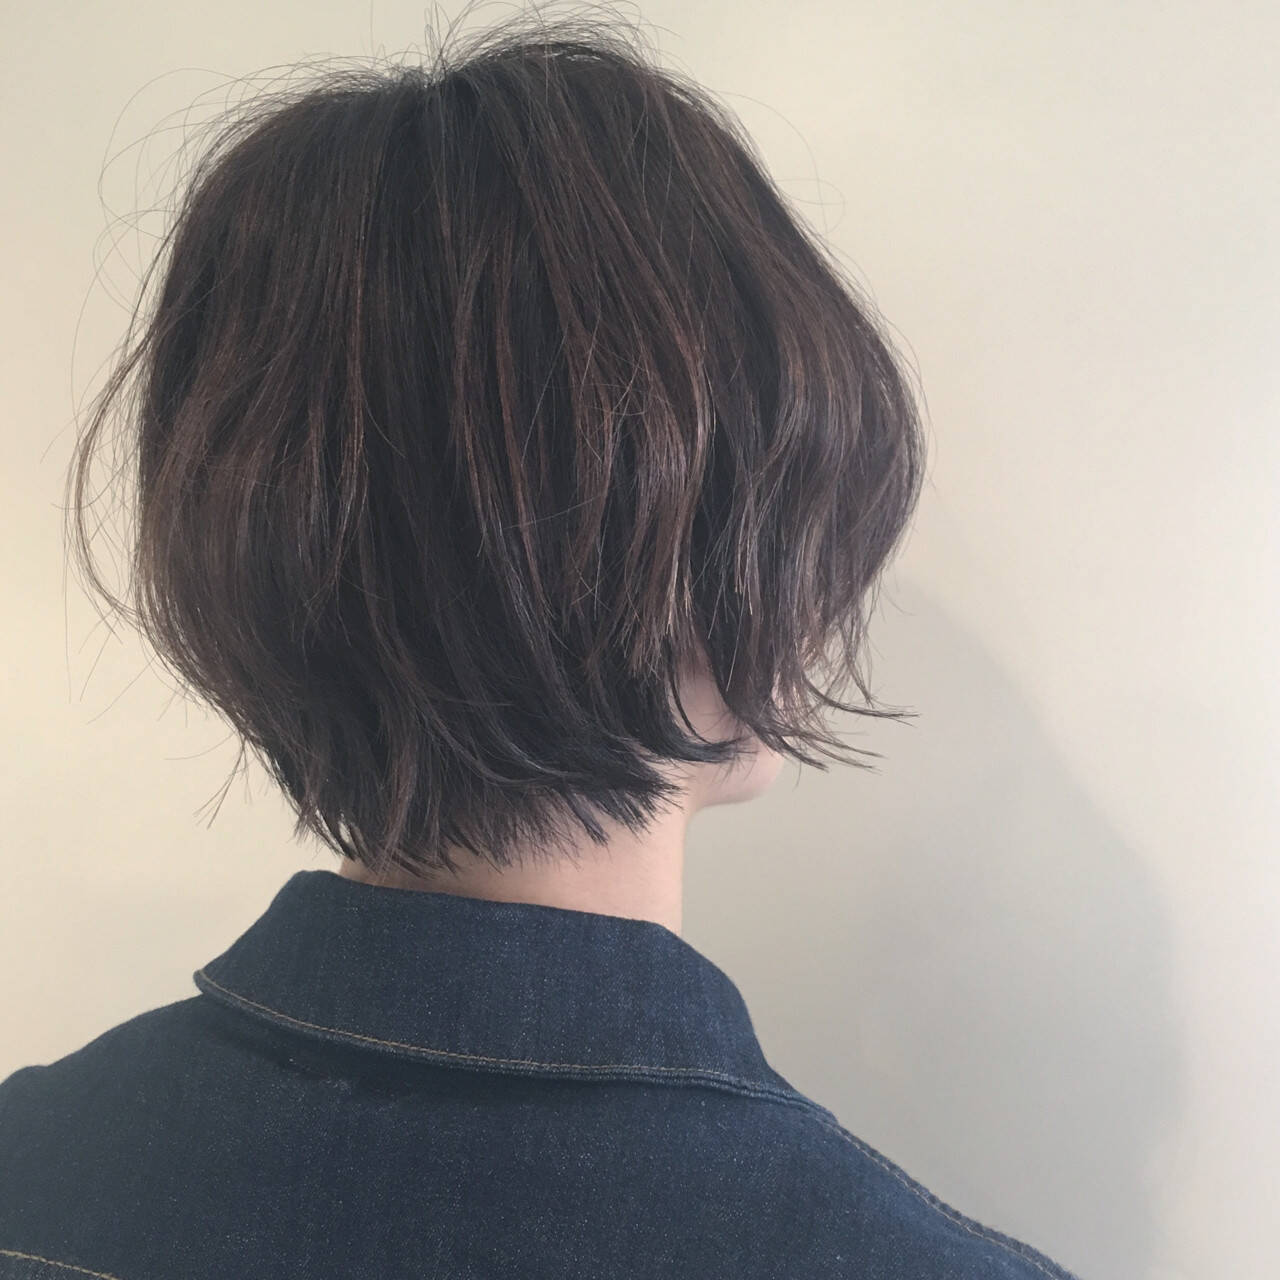 ナチュラル ハイライト オフィス ショートヘアスタイルや髪型の写真・画像